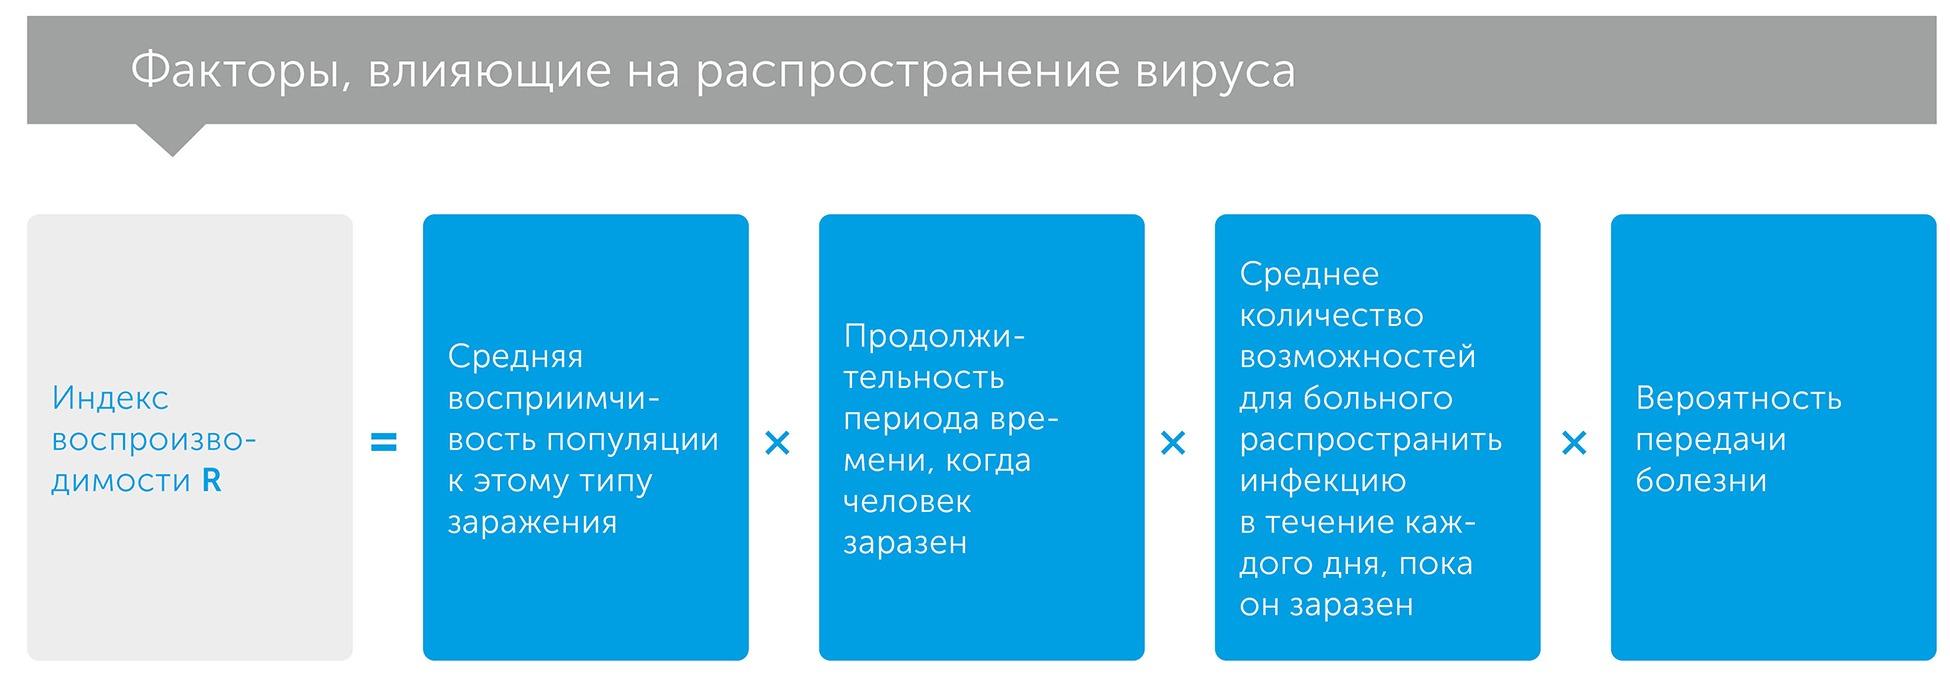 Правила заражения, автор Адам Кучарски   Kyivstar Business Hub, изображение №2